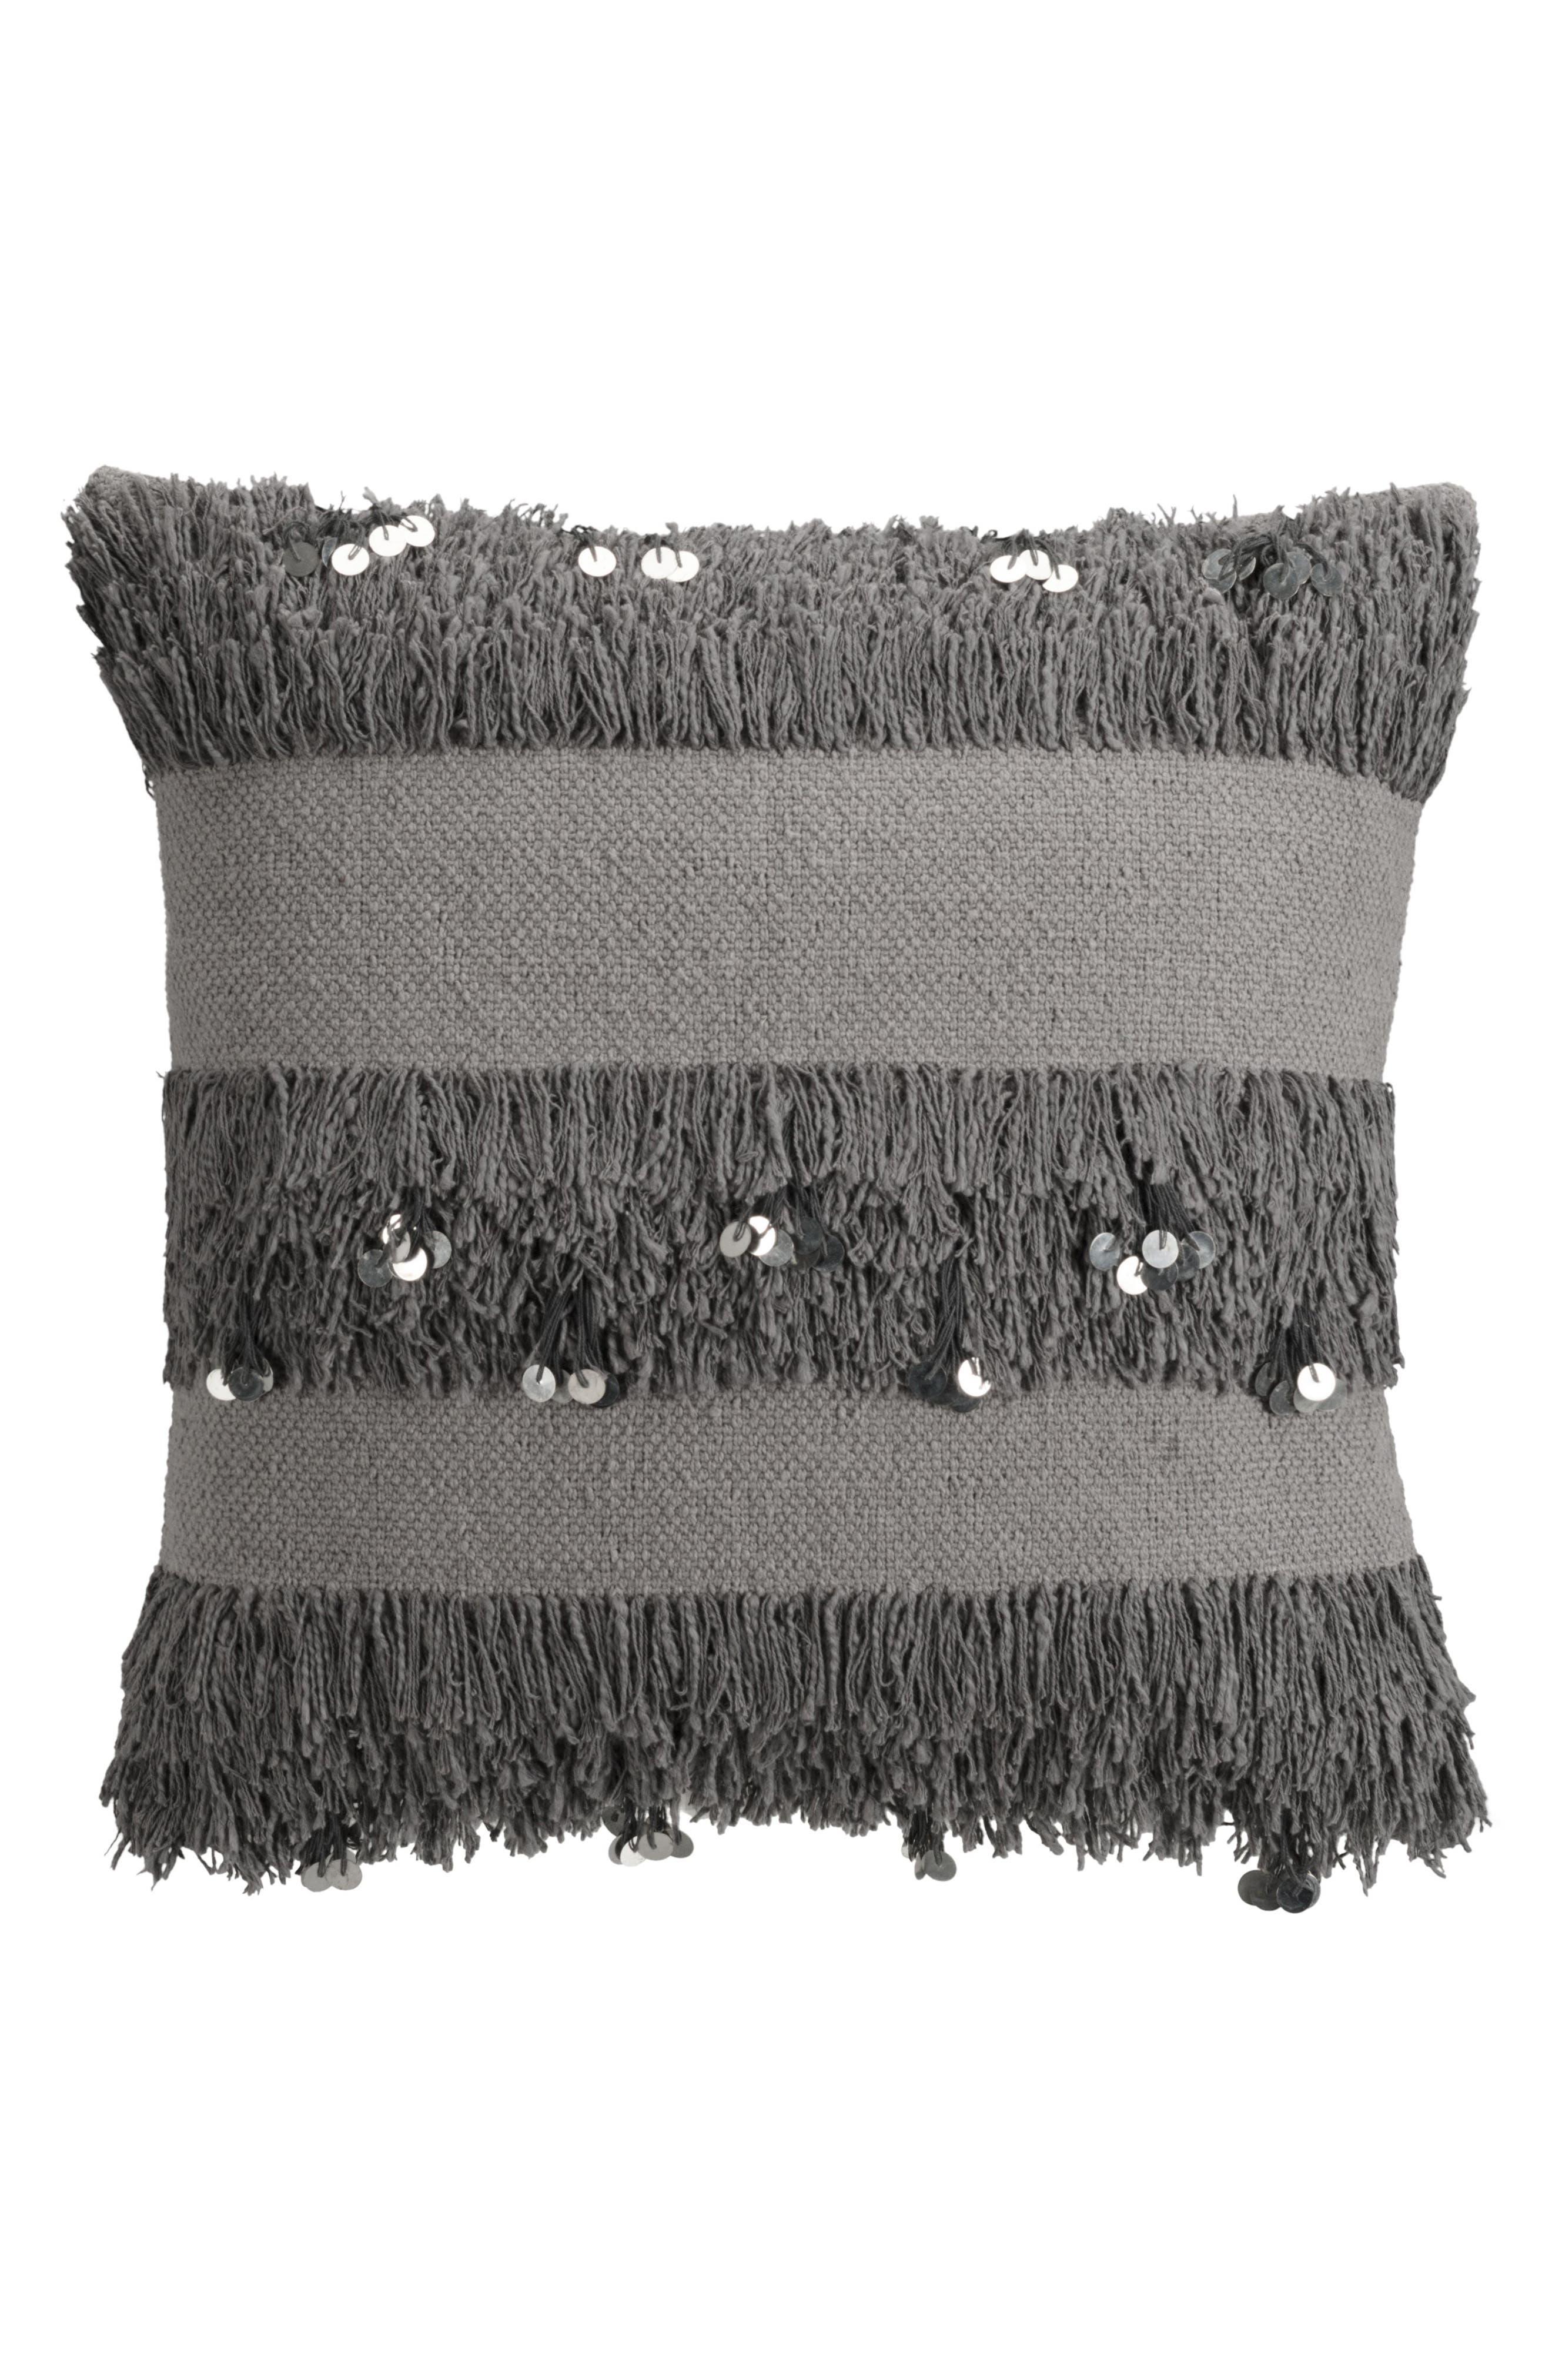 cupcakes & cashmere Sequin Fringe Pillow,                         Main,                         color, 020